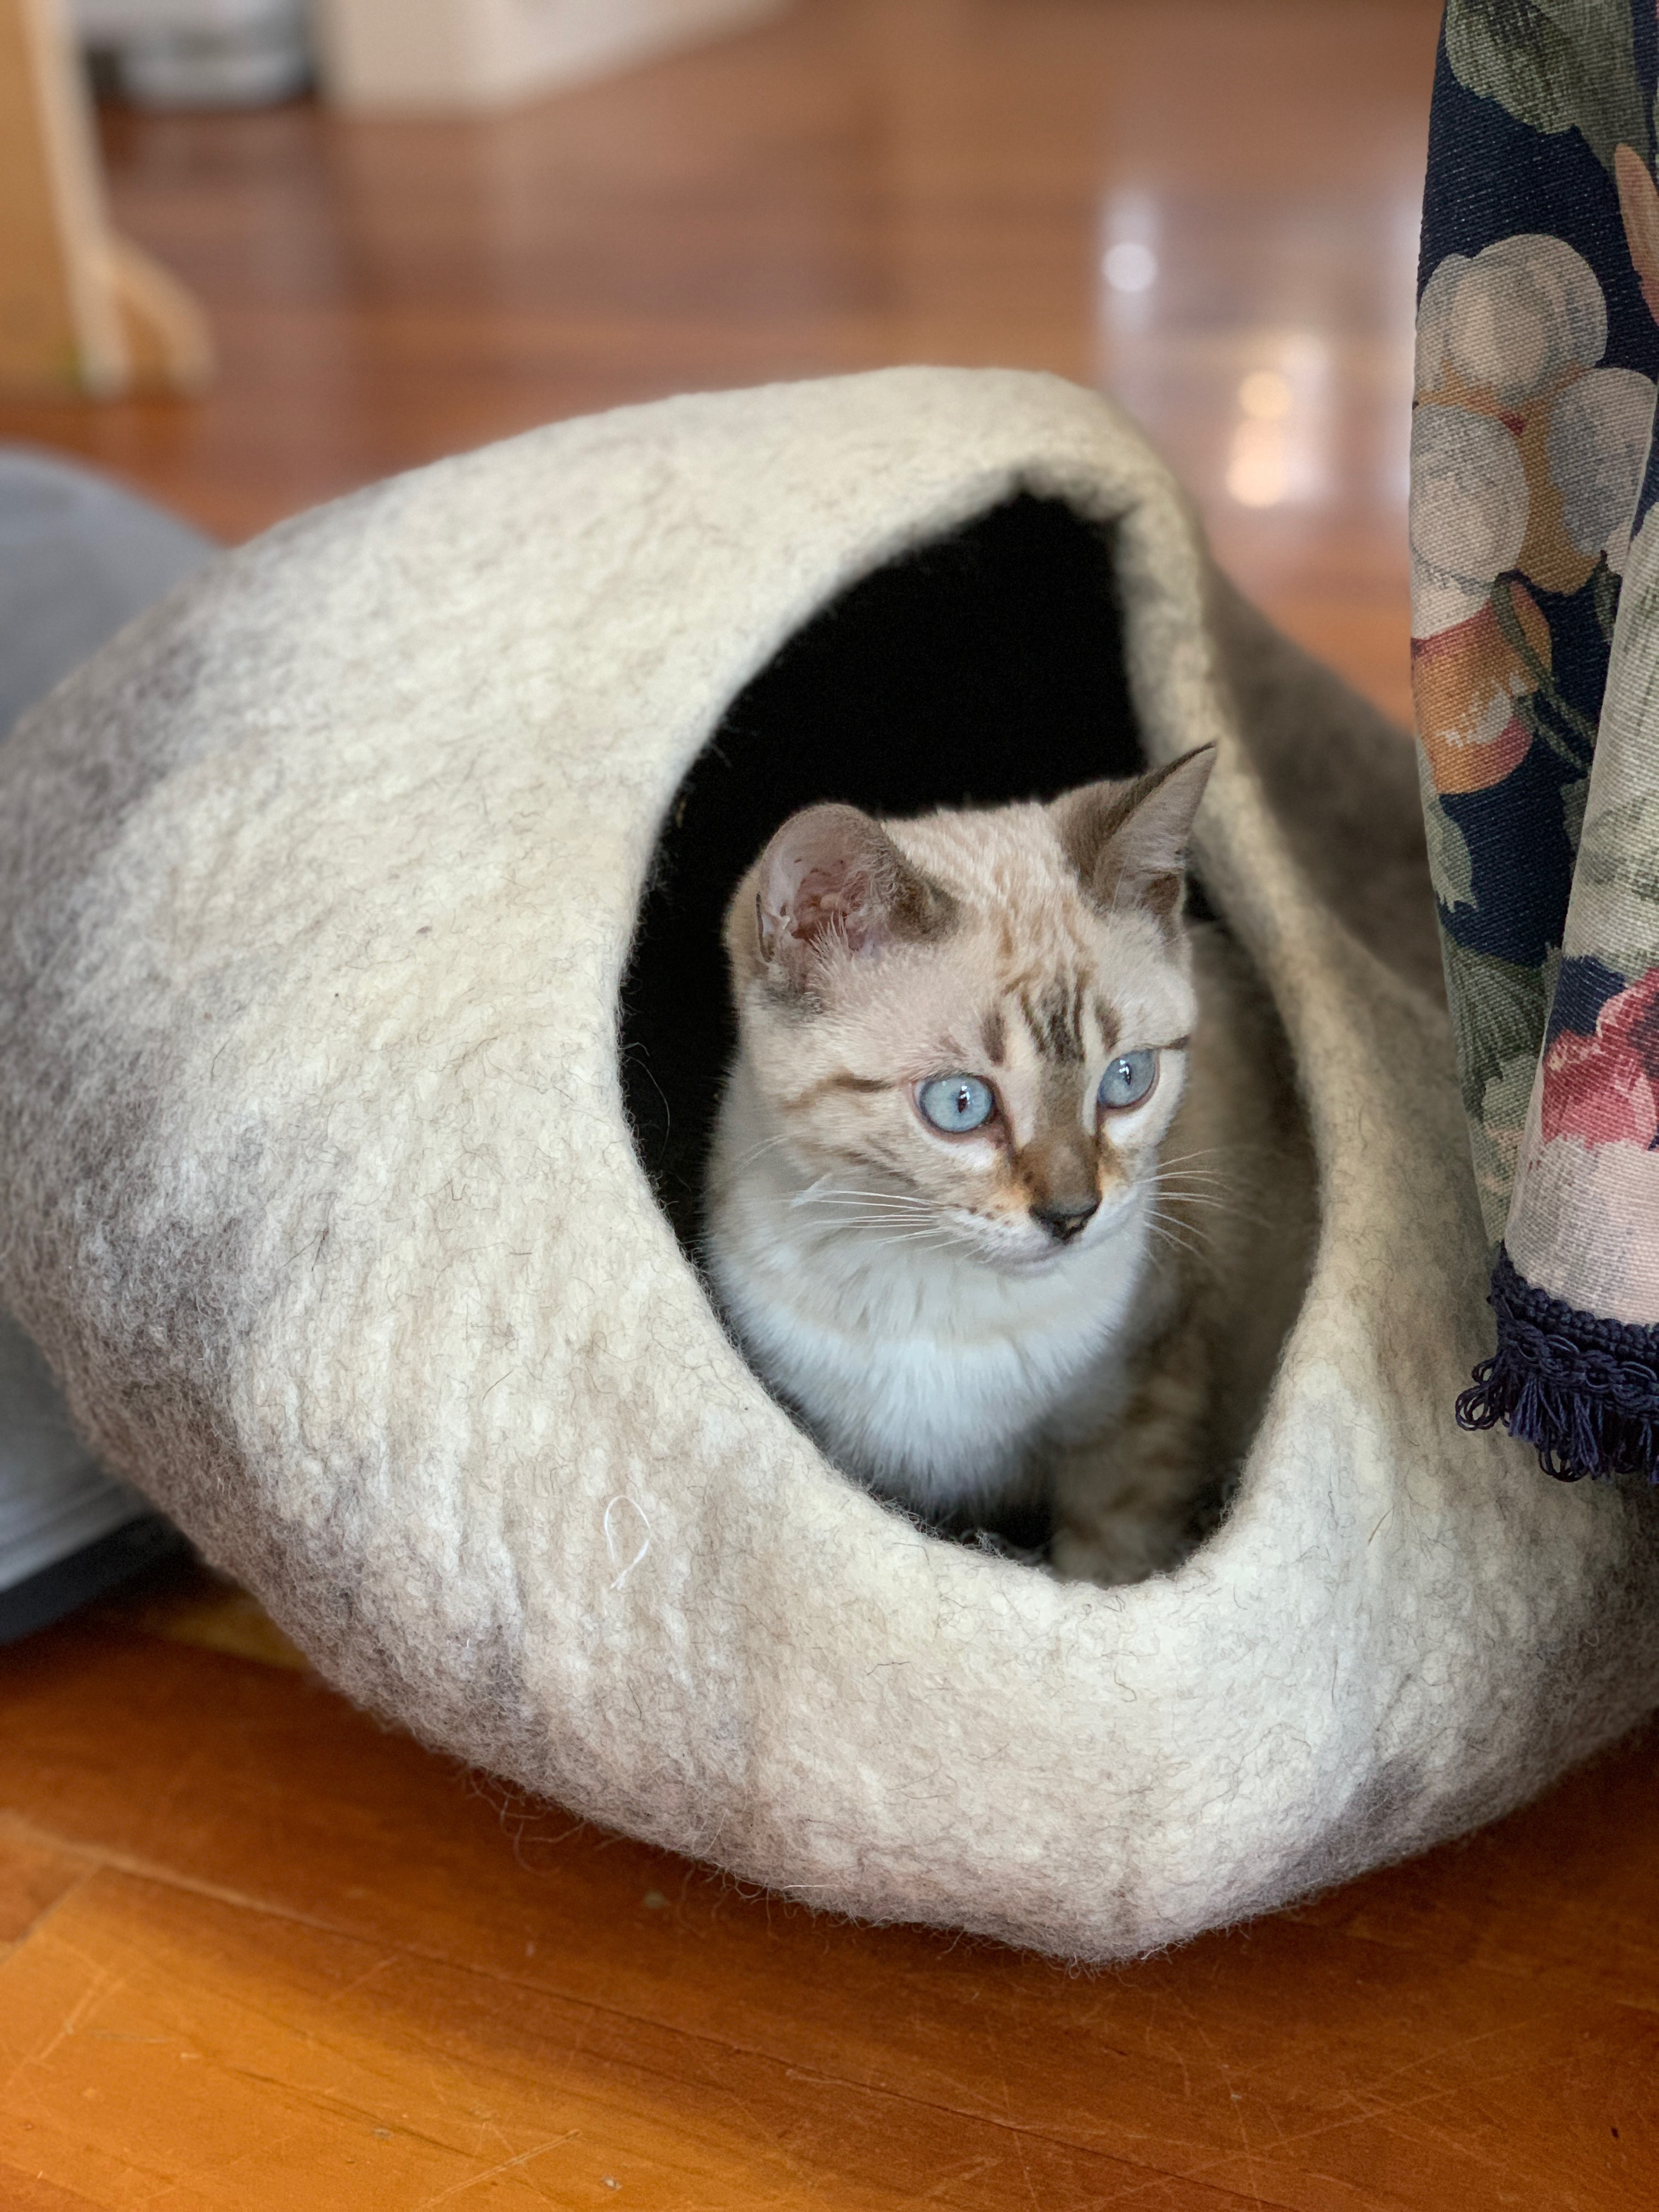 ariel in her cave